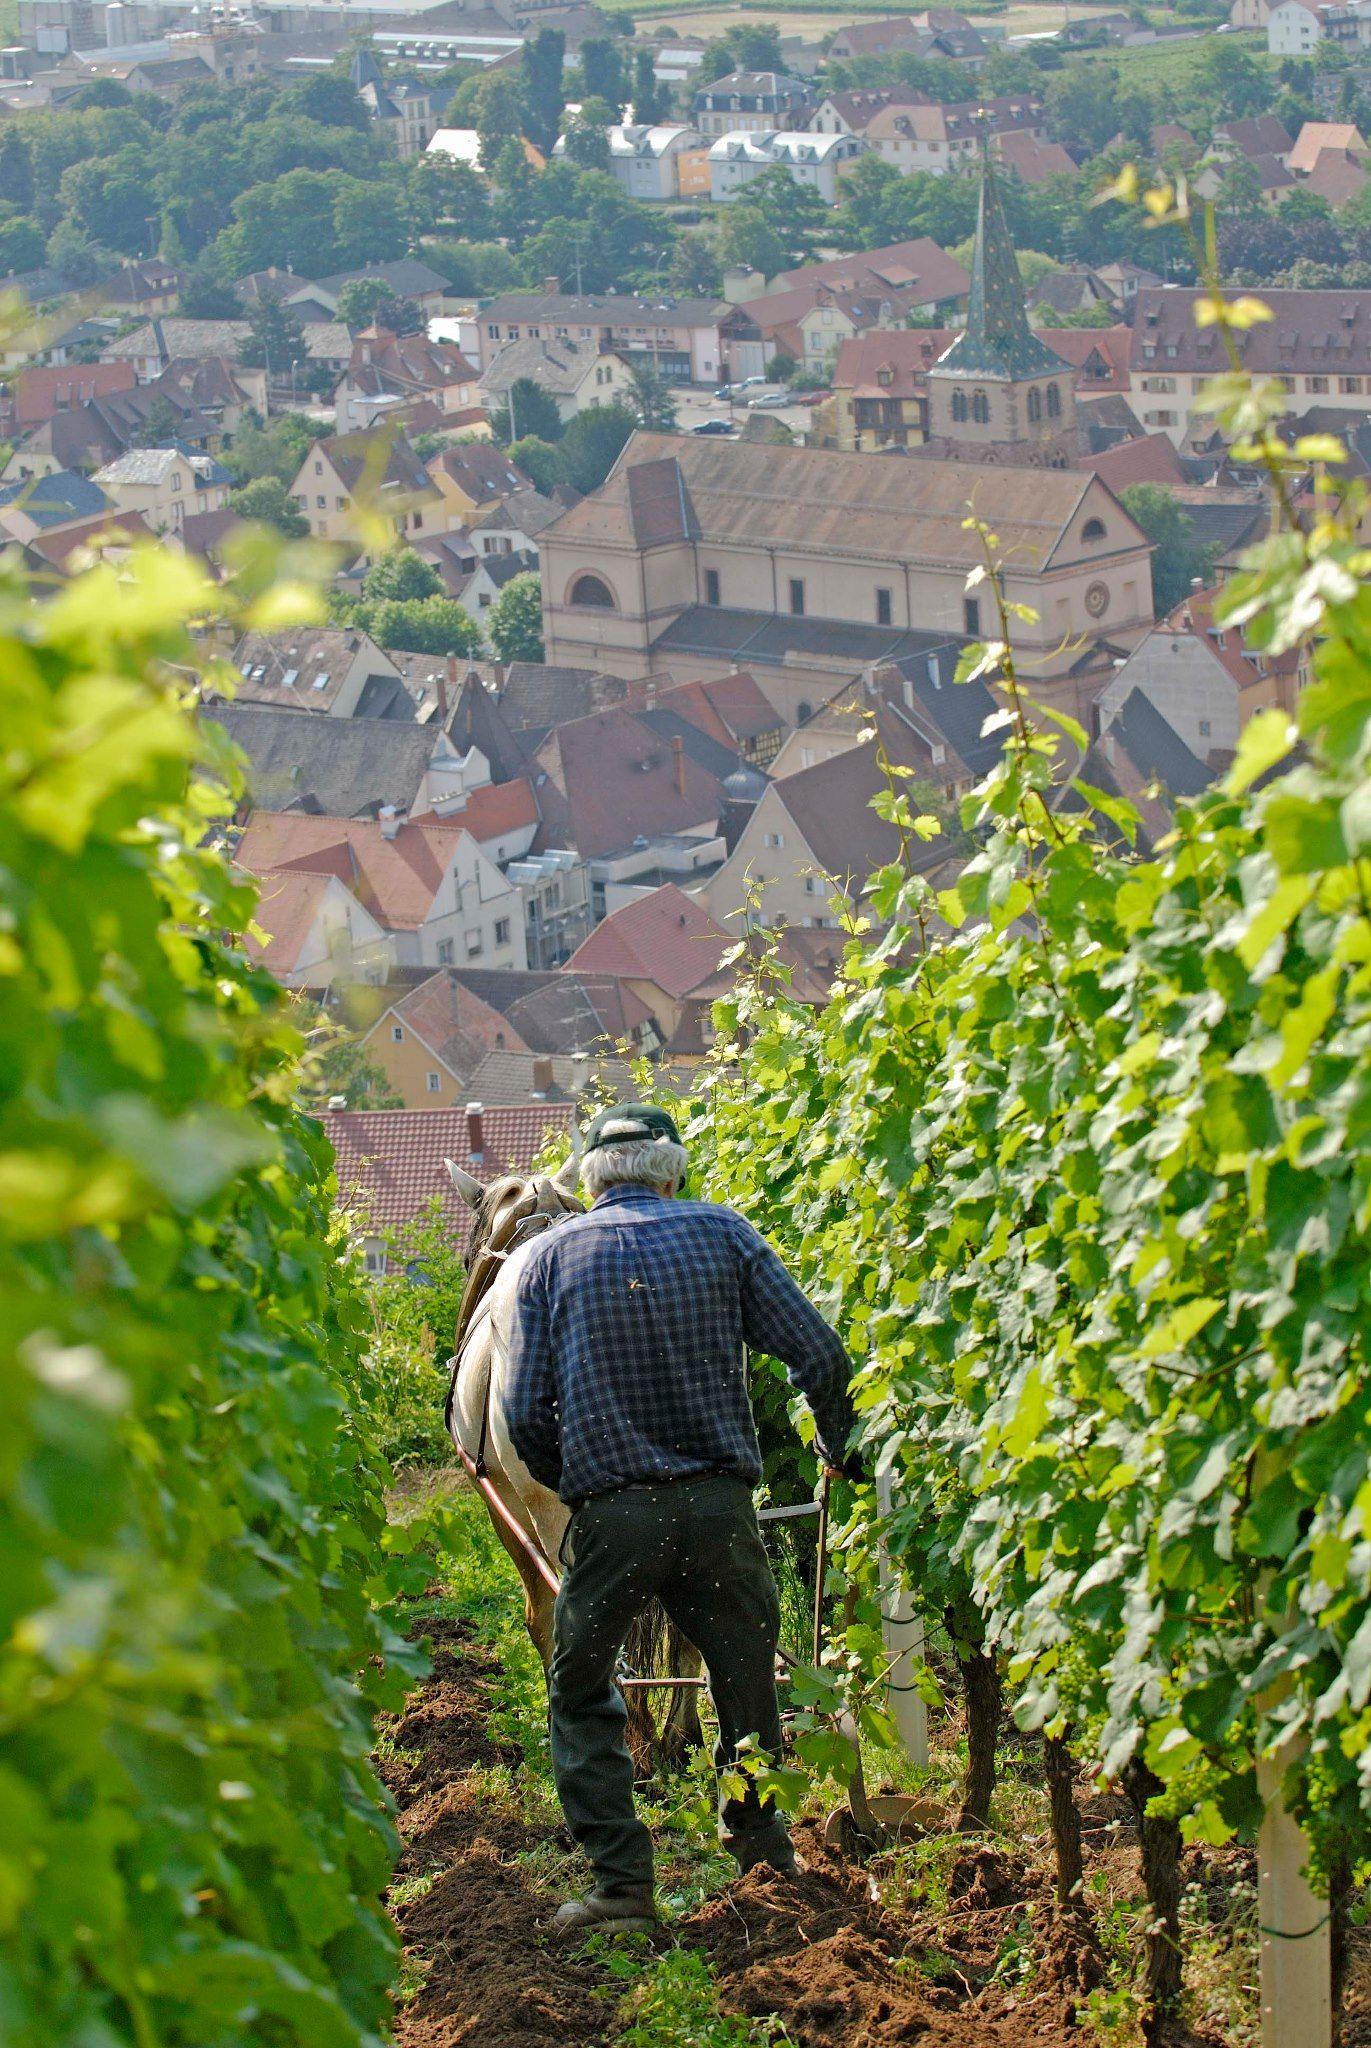 Ferme Auberge Du Molkenrain Route Des Cretes Haut Rhin Ferme Auberge Ferme Auberge Alsace Vosges